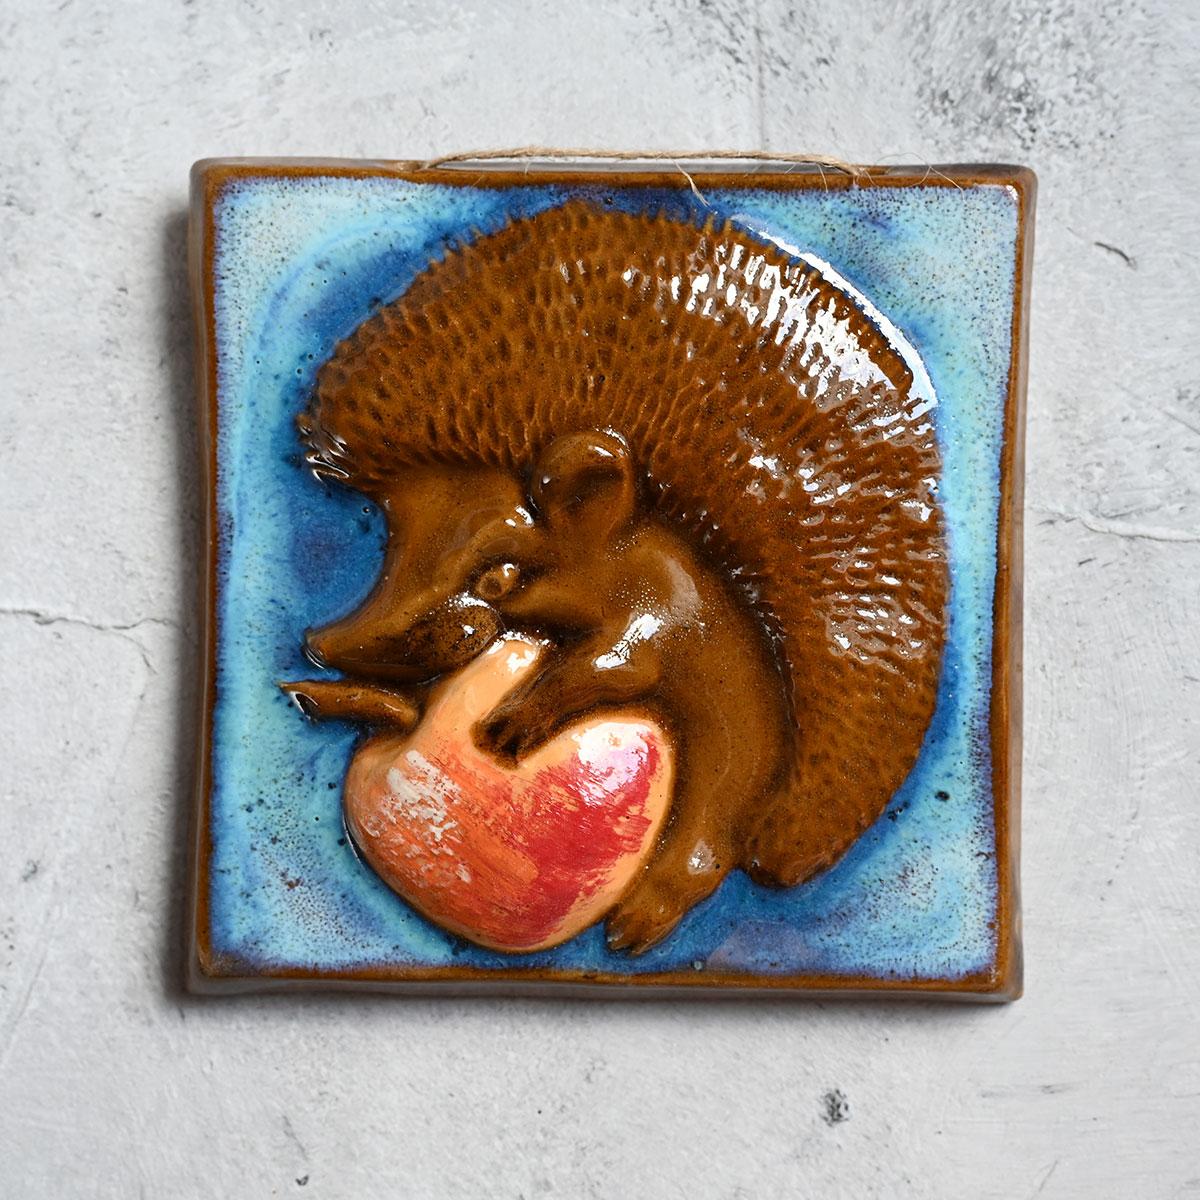 """картинка Изразец ручной работы """"Ежик с яблоком"""" 1 - DishWishes.Ru"""